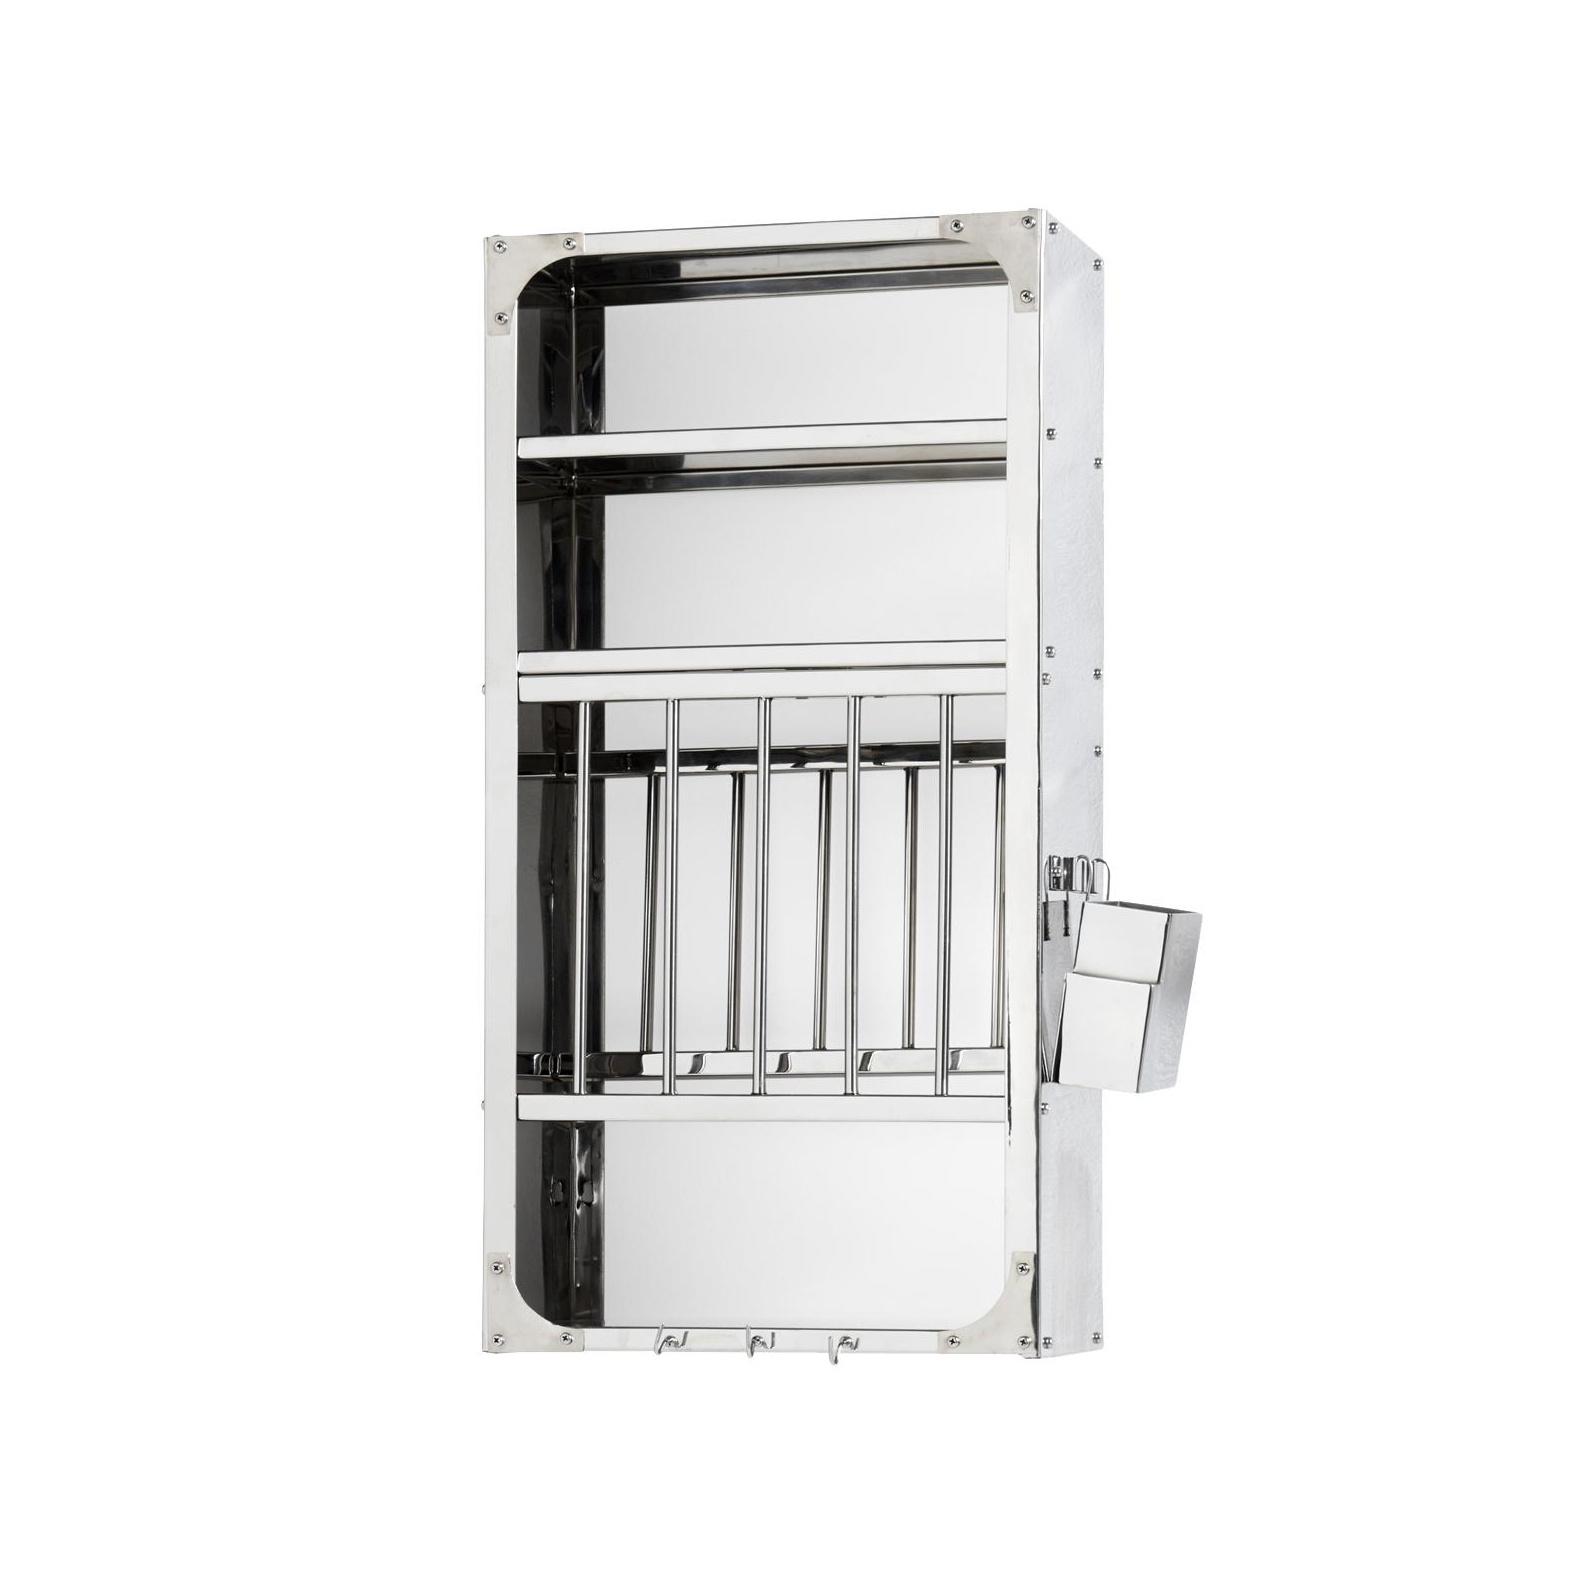 HAY - Indian Plate Rack Küchenregal M - edelstahl/BxHxT 40x78|5x24cm | Küche und Esszimmer > Küchenregale > Küchen-Standregale | HAY